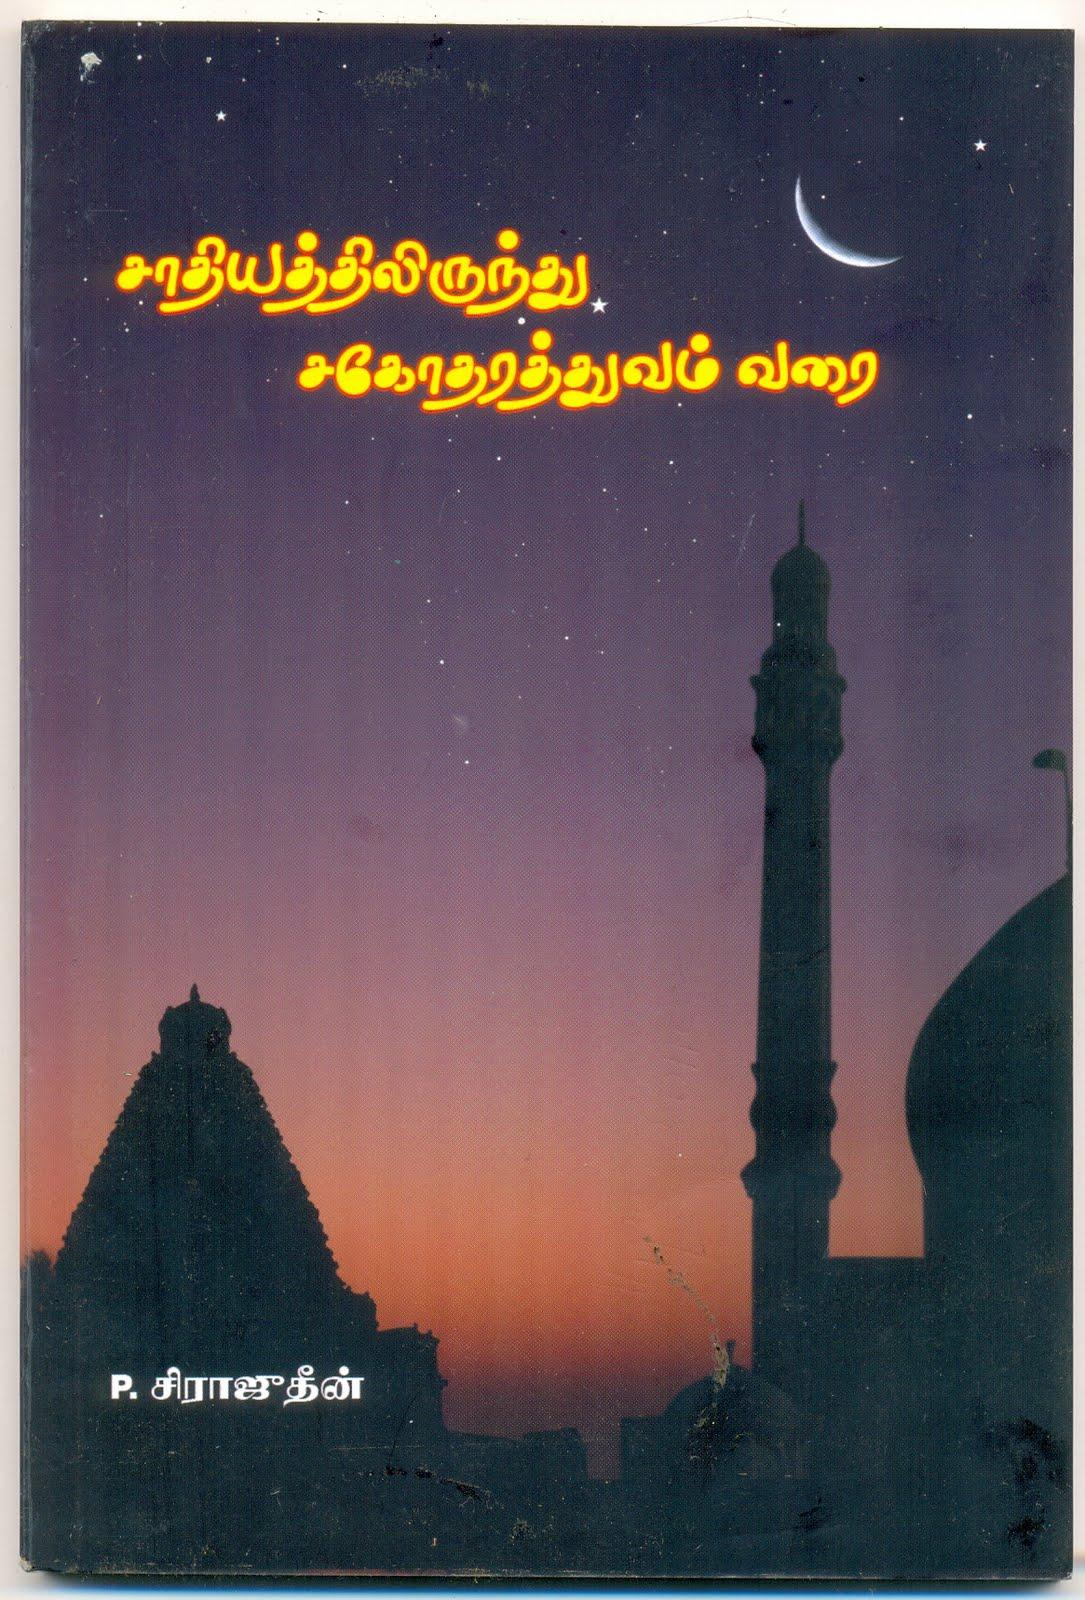 என்னை கவர்ந்த புத்தகம்